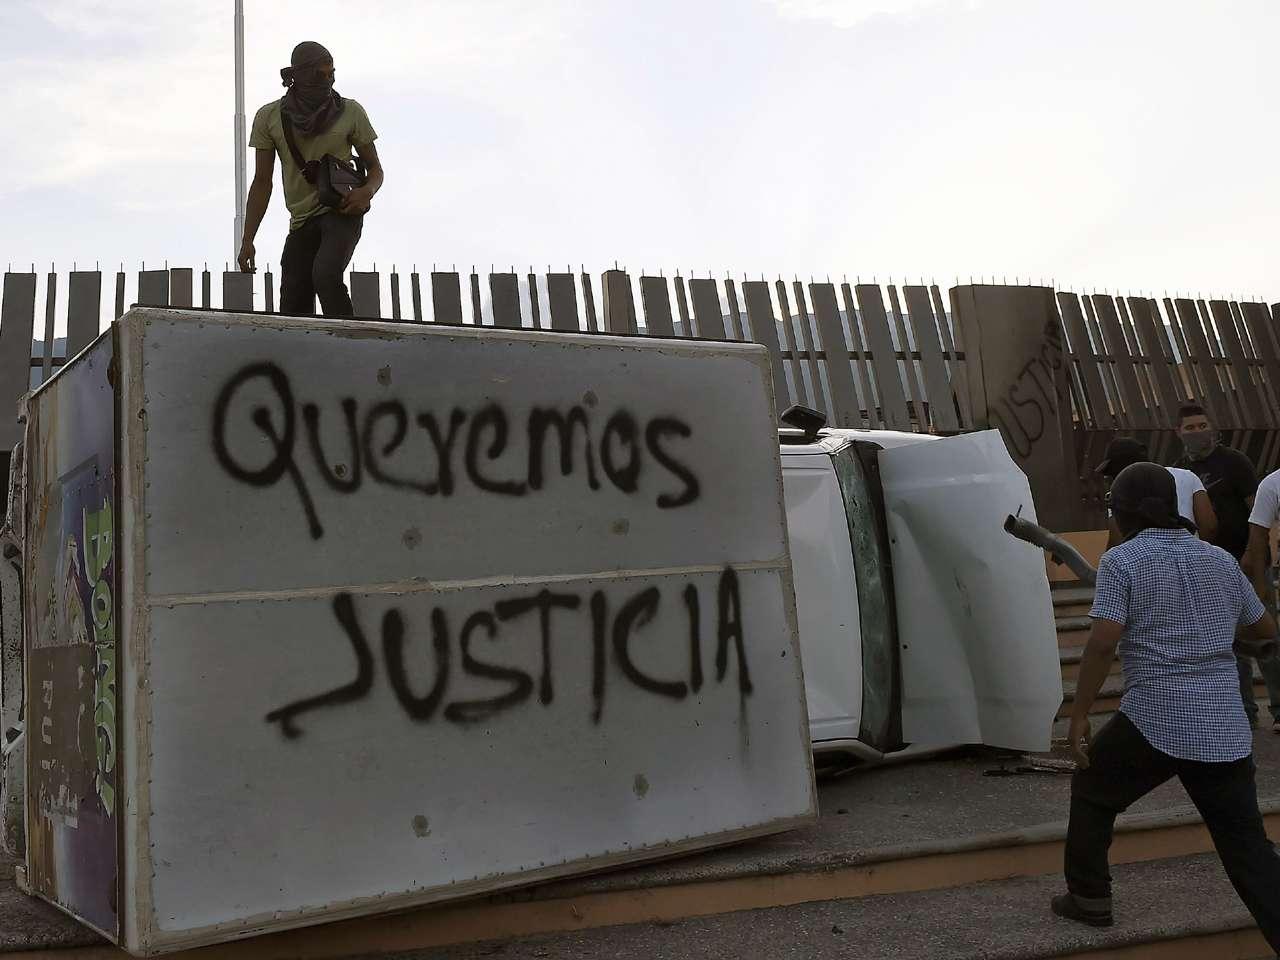 Encapuchados incendiaron autos frente al Palacio de Gobierno y Congreso de Guerrero. Se trata del segundo ataque a sedes de Gobierno tras el anuncio de la PGR sobre la posible muerte de los 43 normalistas de Ayotzinapa. Foto: AFP en español